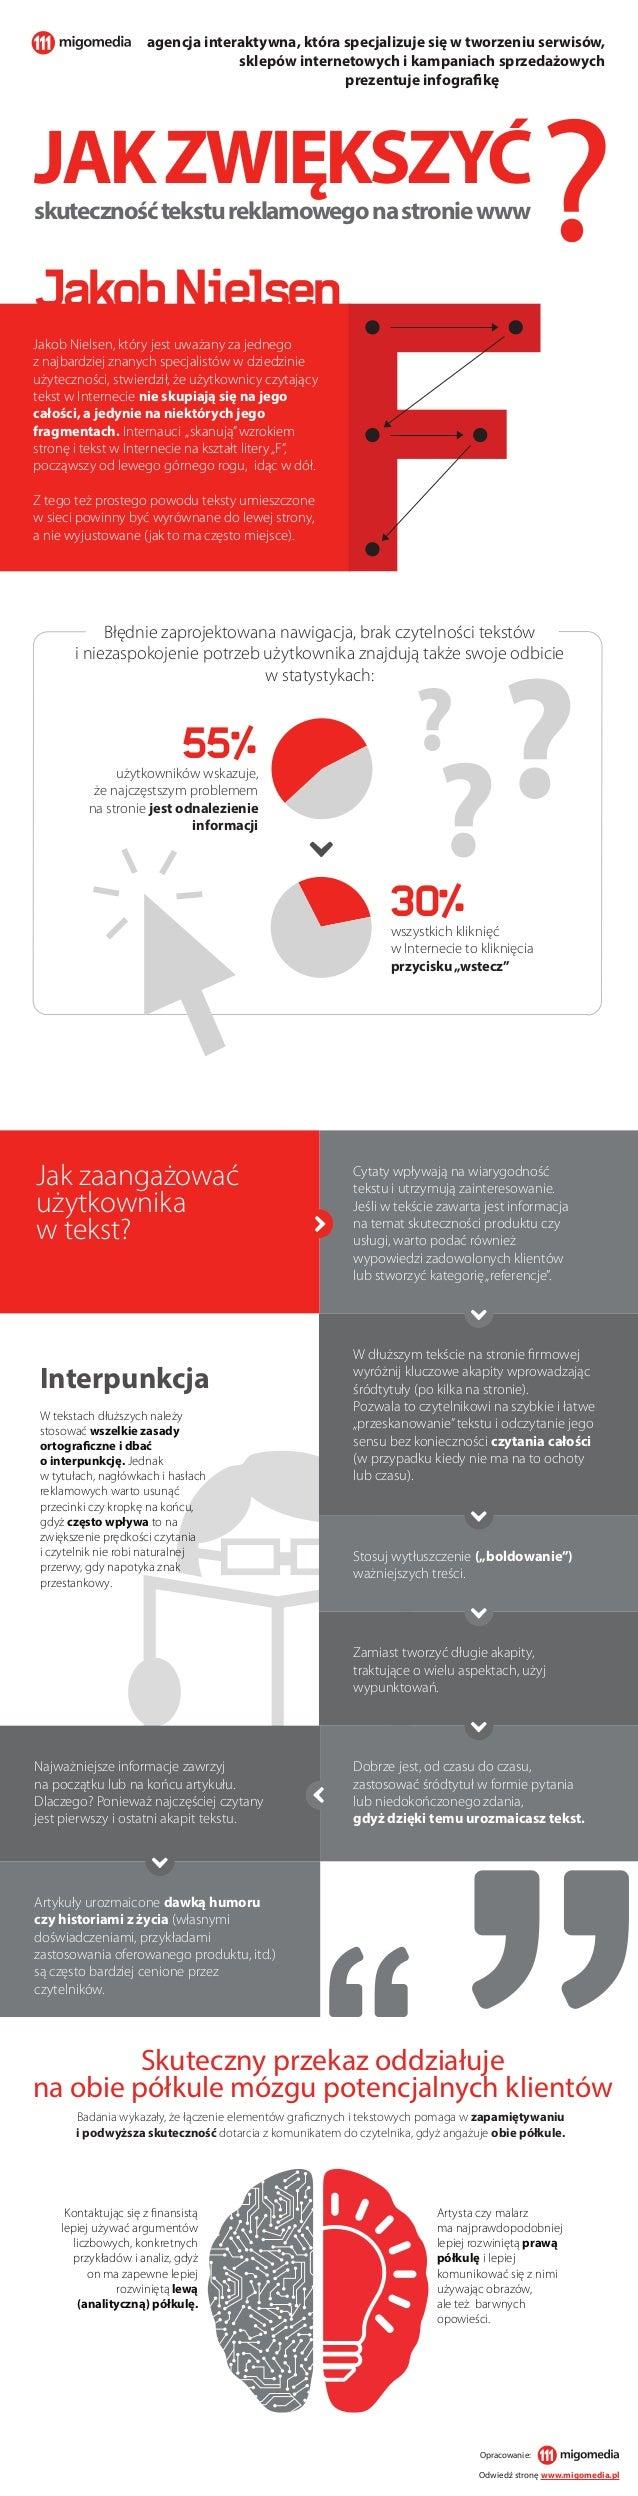 ? ? Jakob Nielsen, który jest uważany za jednego z najbardziej znanych specjalistów w dziedzinie użyteczności, stwierdził,...